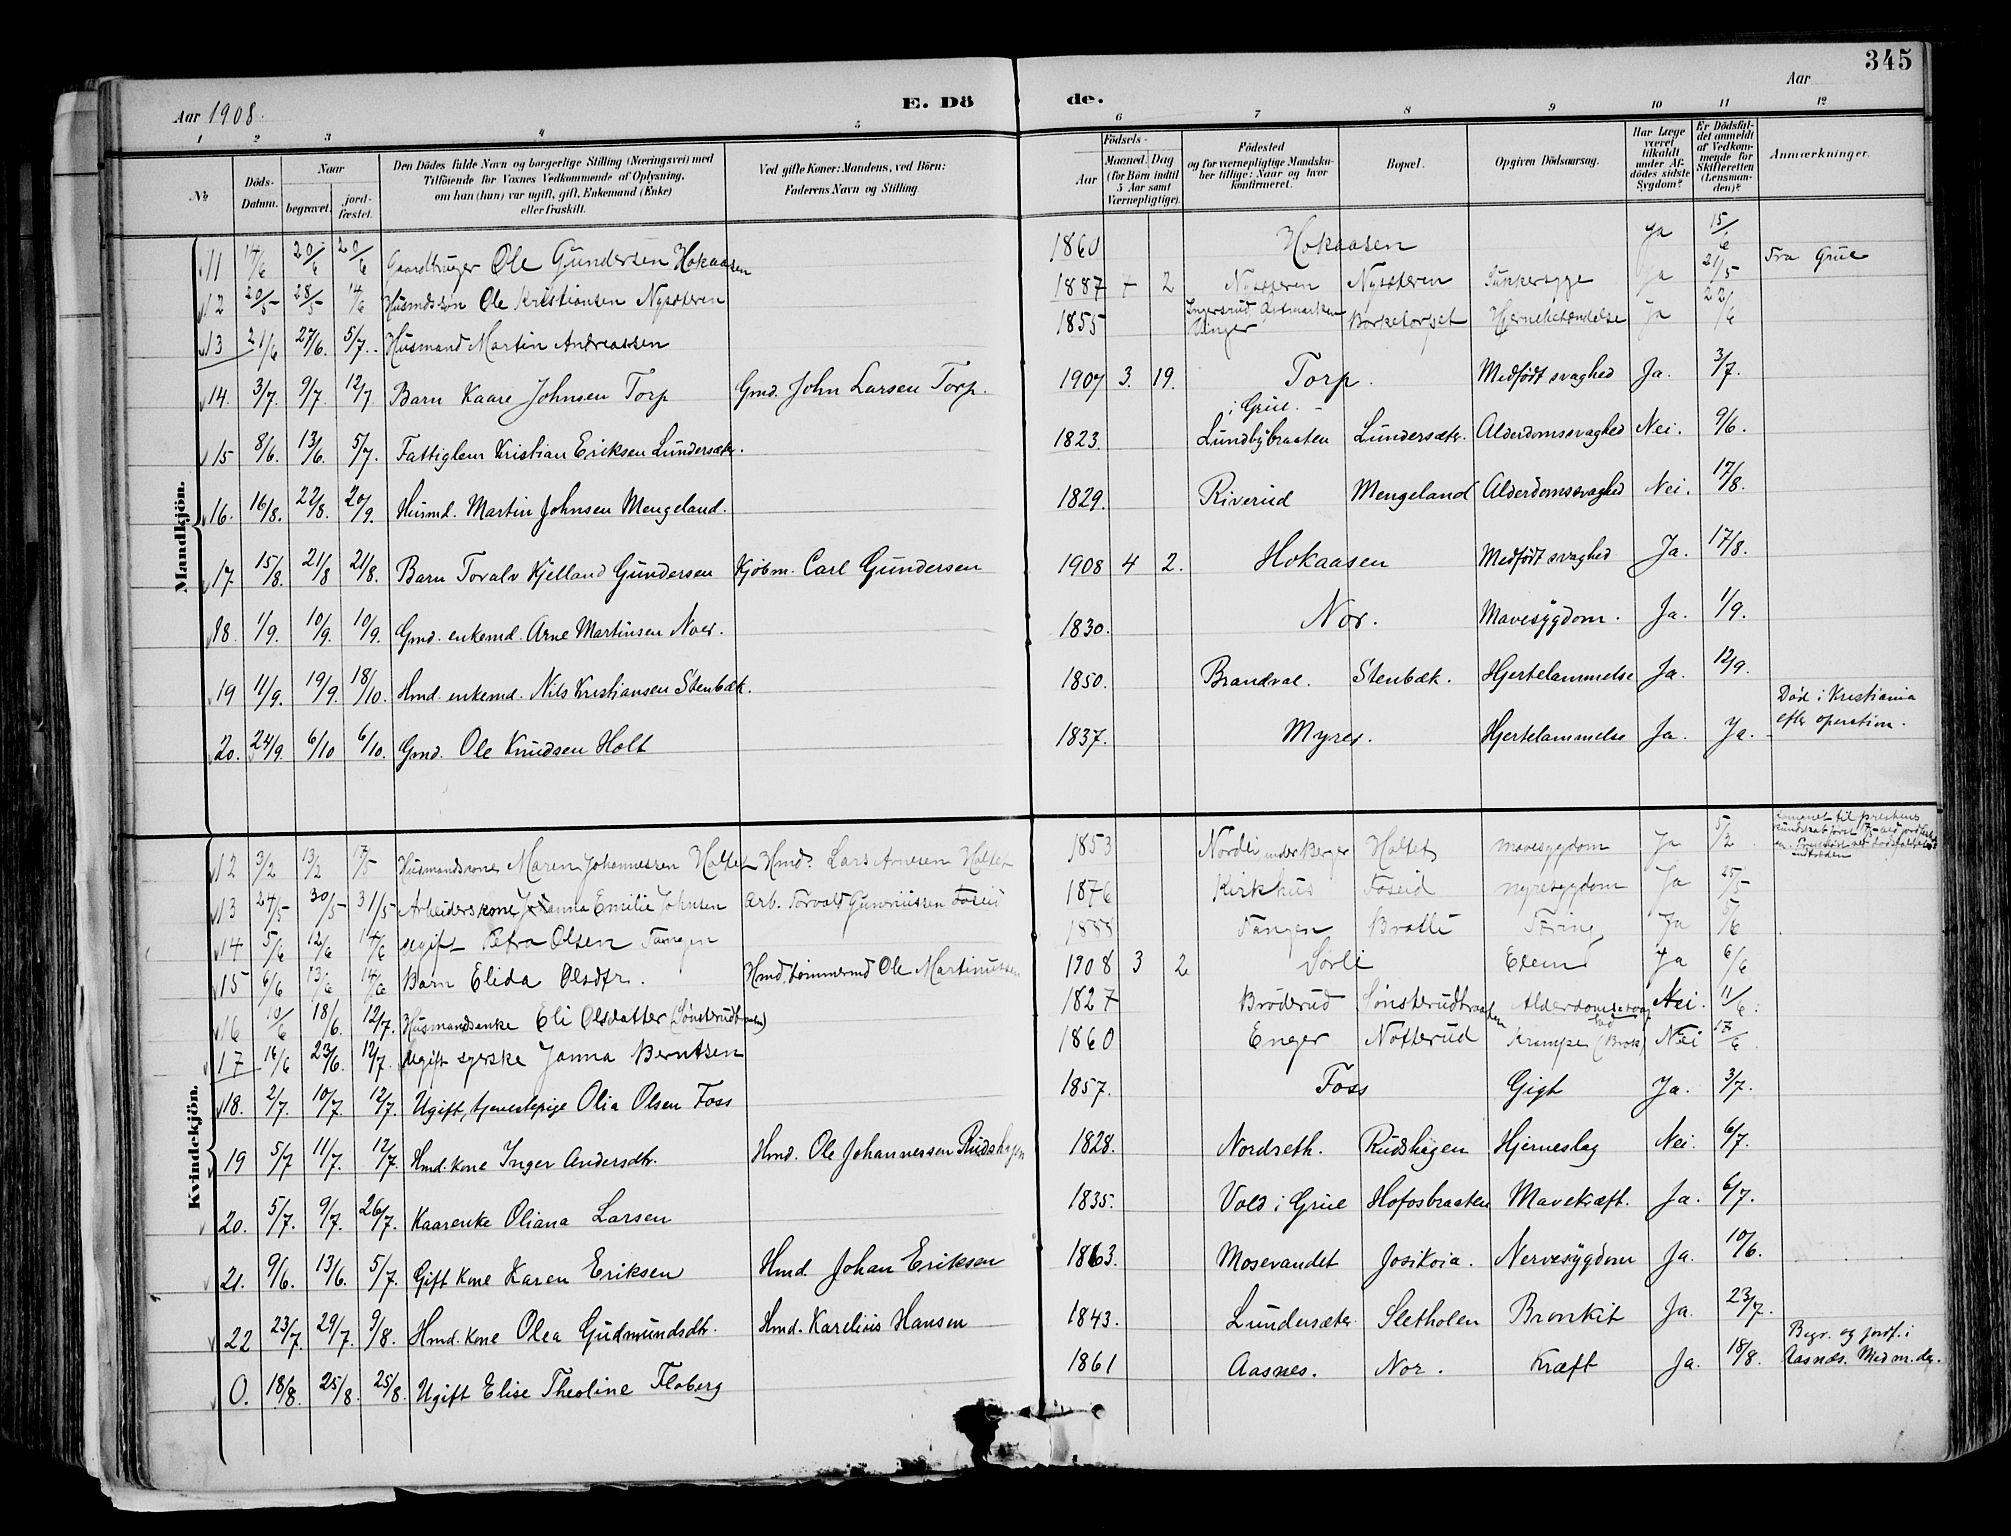 SAH, Brandval prestekontor, H/Ha/Haa/L0003: Ministerialbok nr. 3, 1894-1909, s. 345